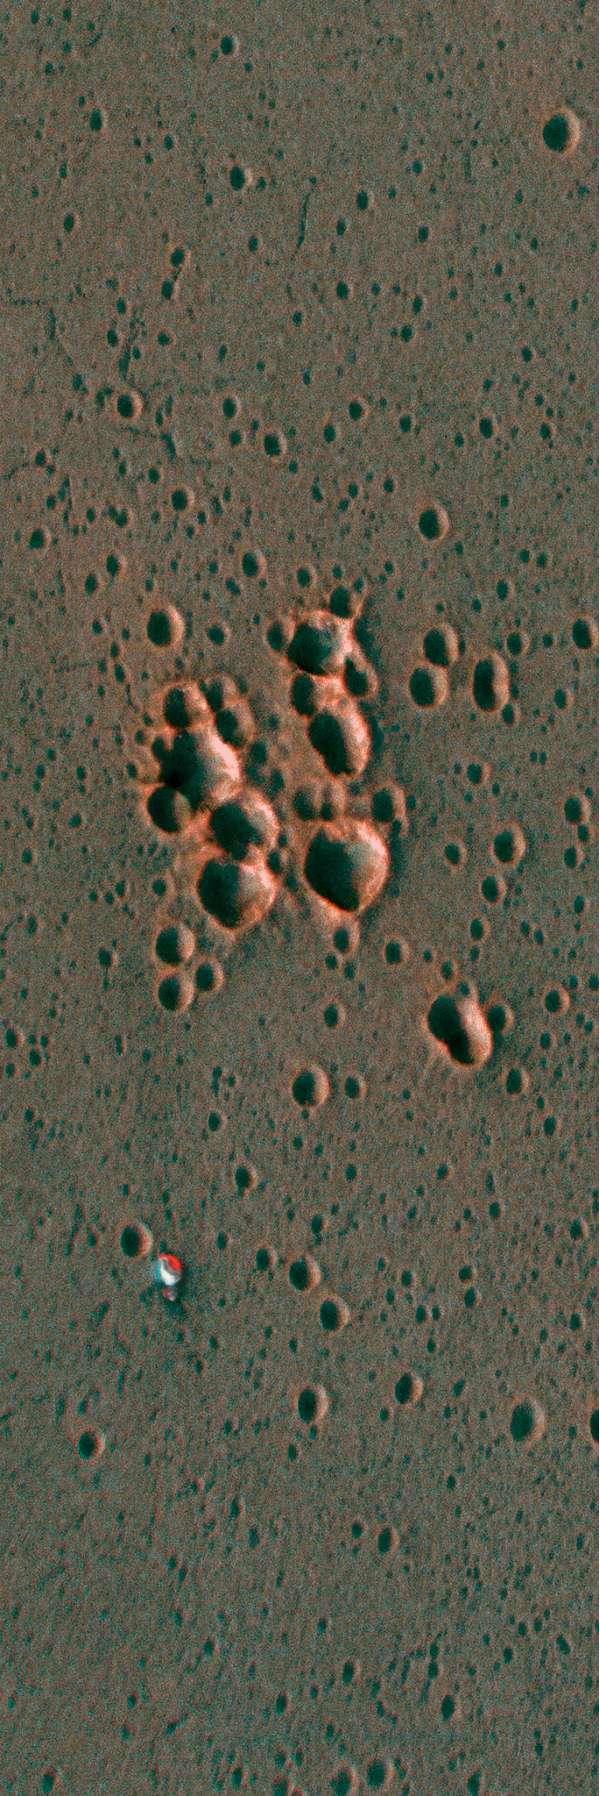 ExoMars Schiaparelli - ESP_048041_1780 ESP_048120_1780 paracadute anaglifo, dettaglio ingrandito